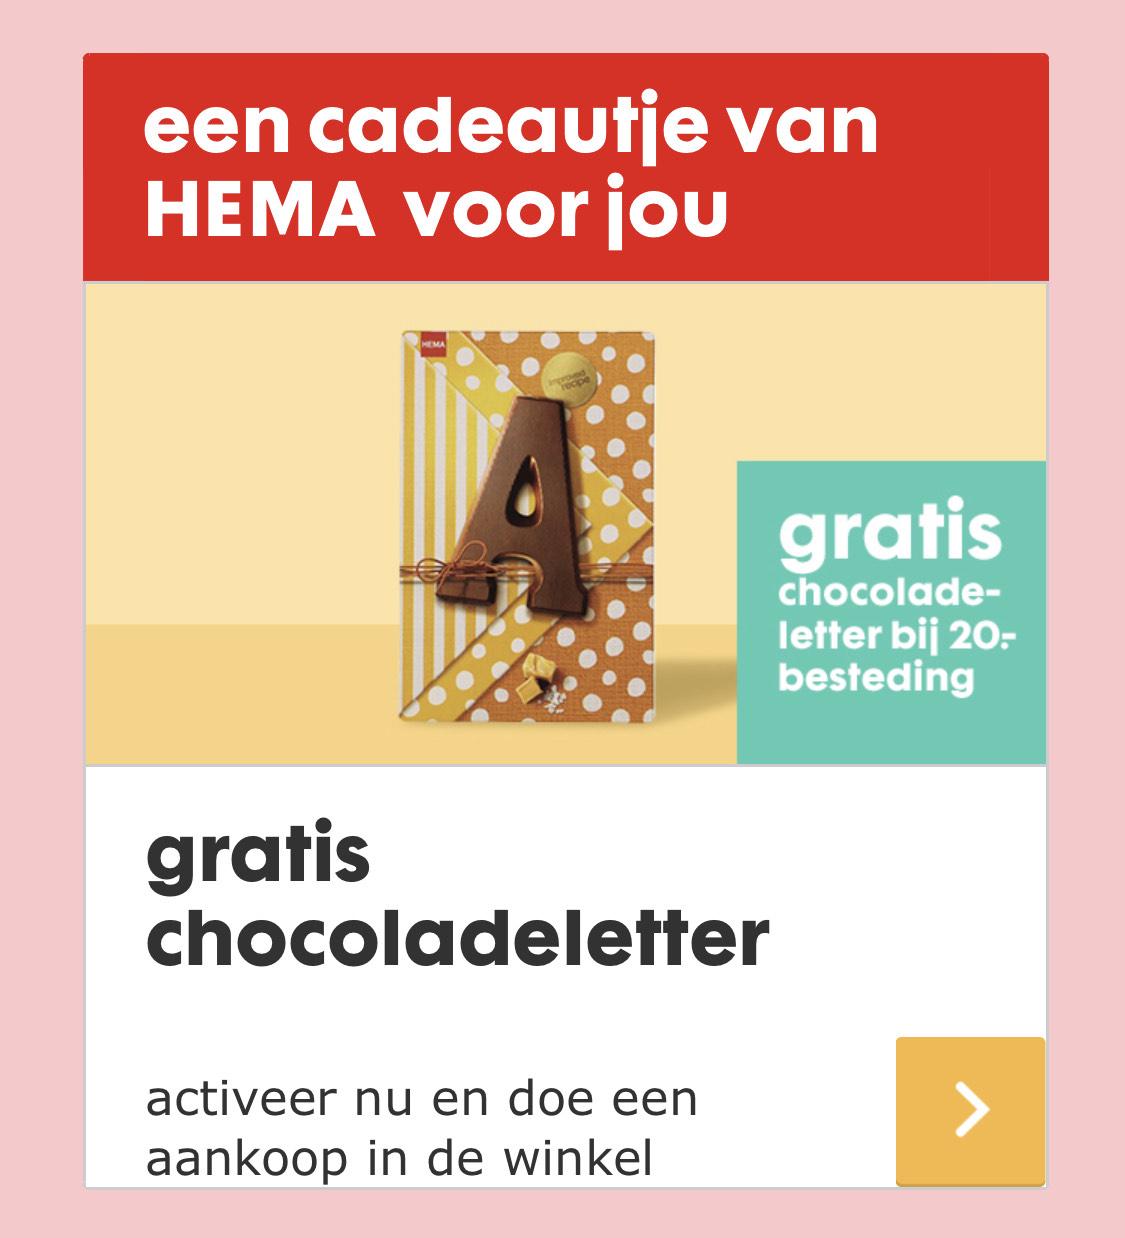 Gratis chocoladeletter HEMA bij aankoop van 20€ in de winkel.!